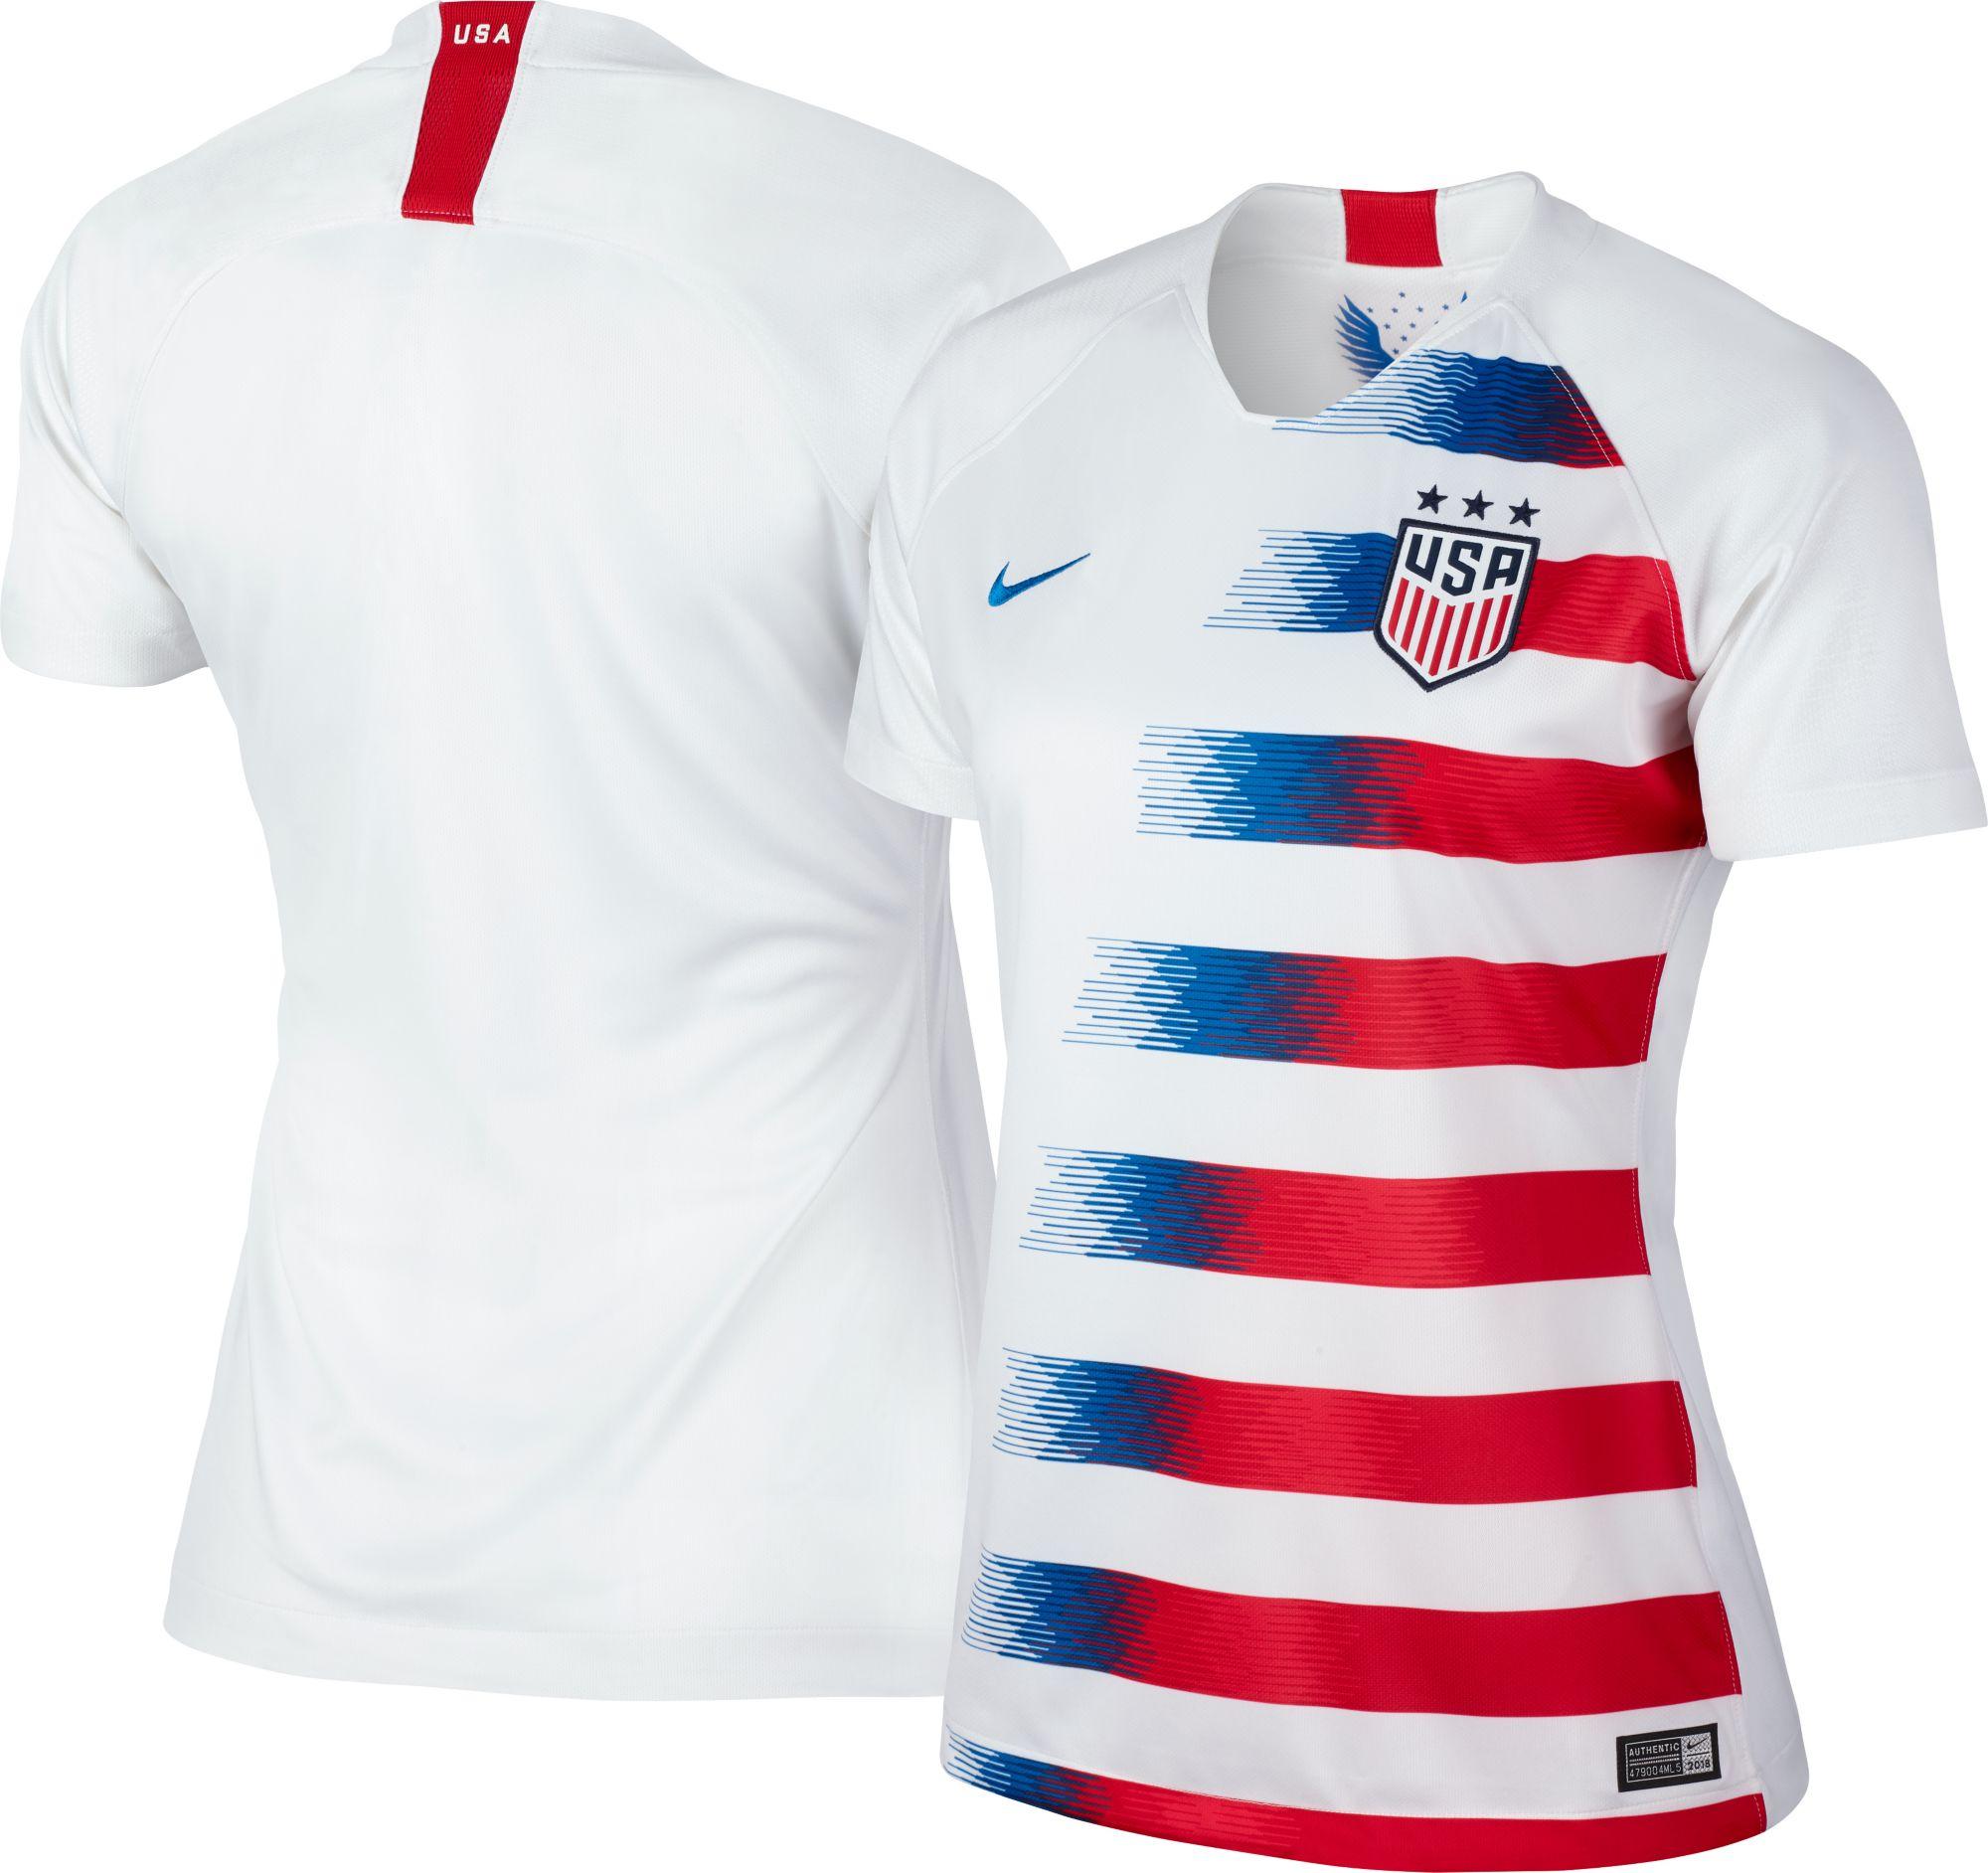 dicks sporting goods soccer jerseys